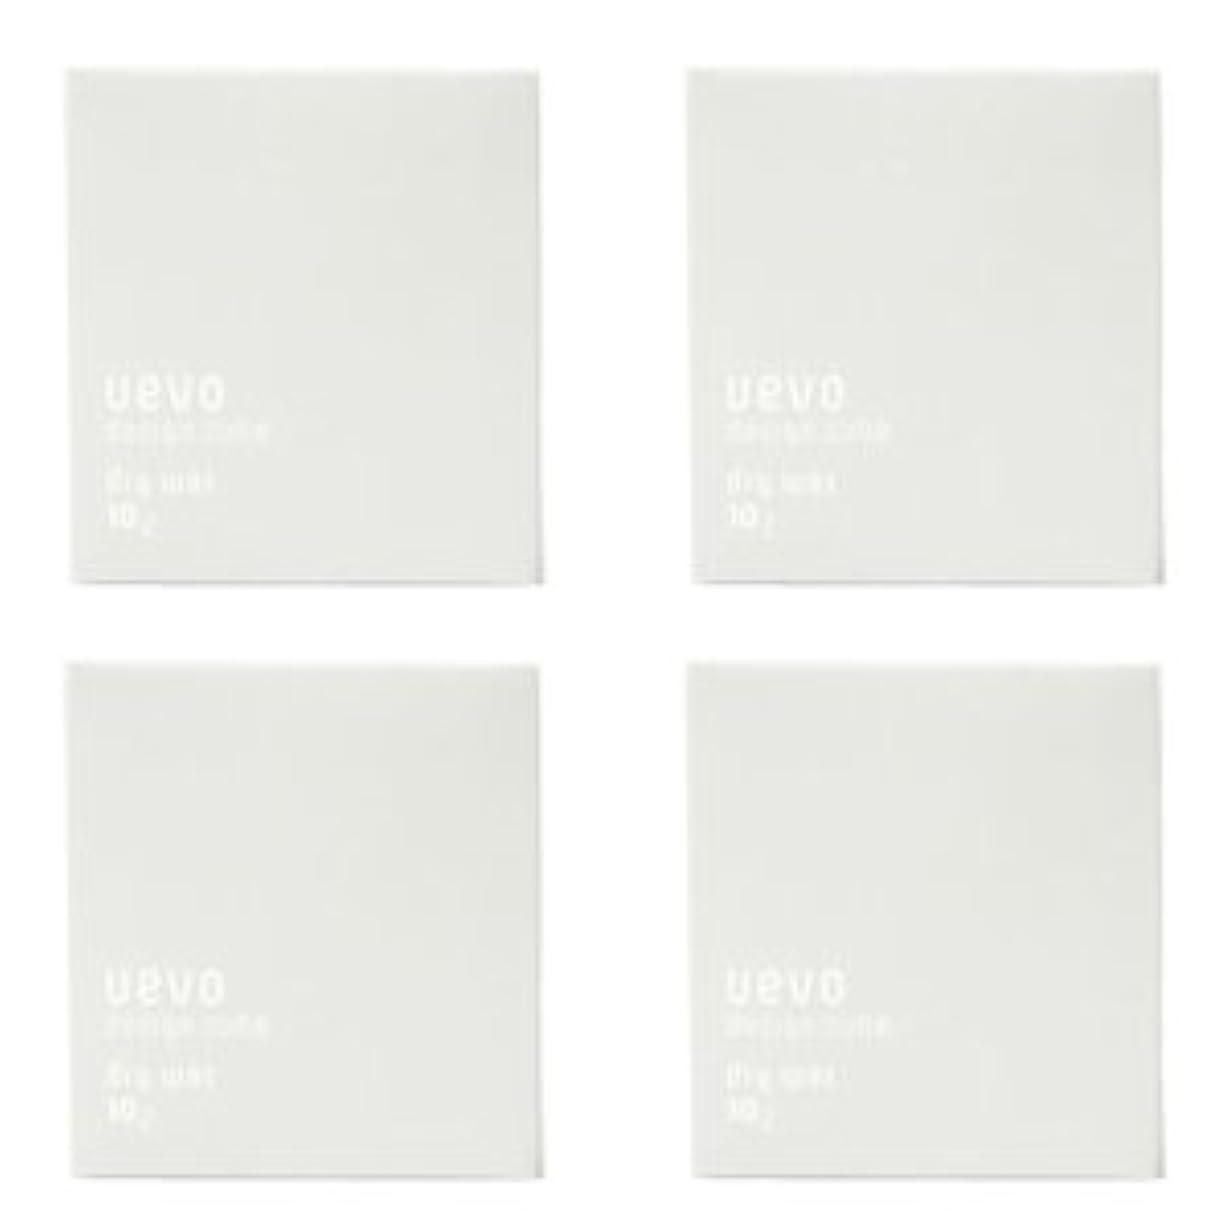 みぞれベーコン動作【X4個セット】 デミ ウェーボ デザインキューブ ドライワックス 80g dry wax